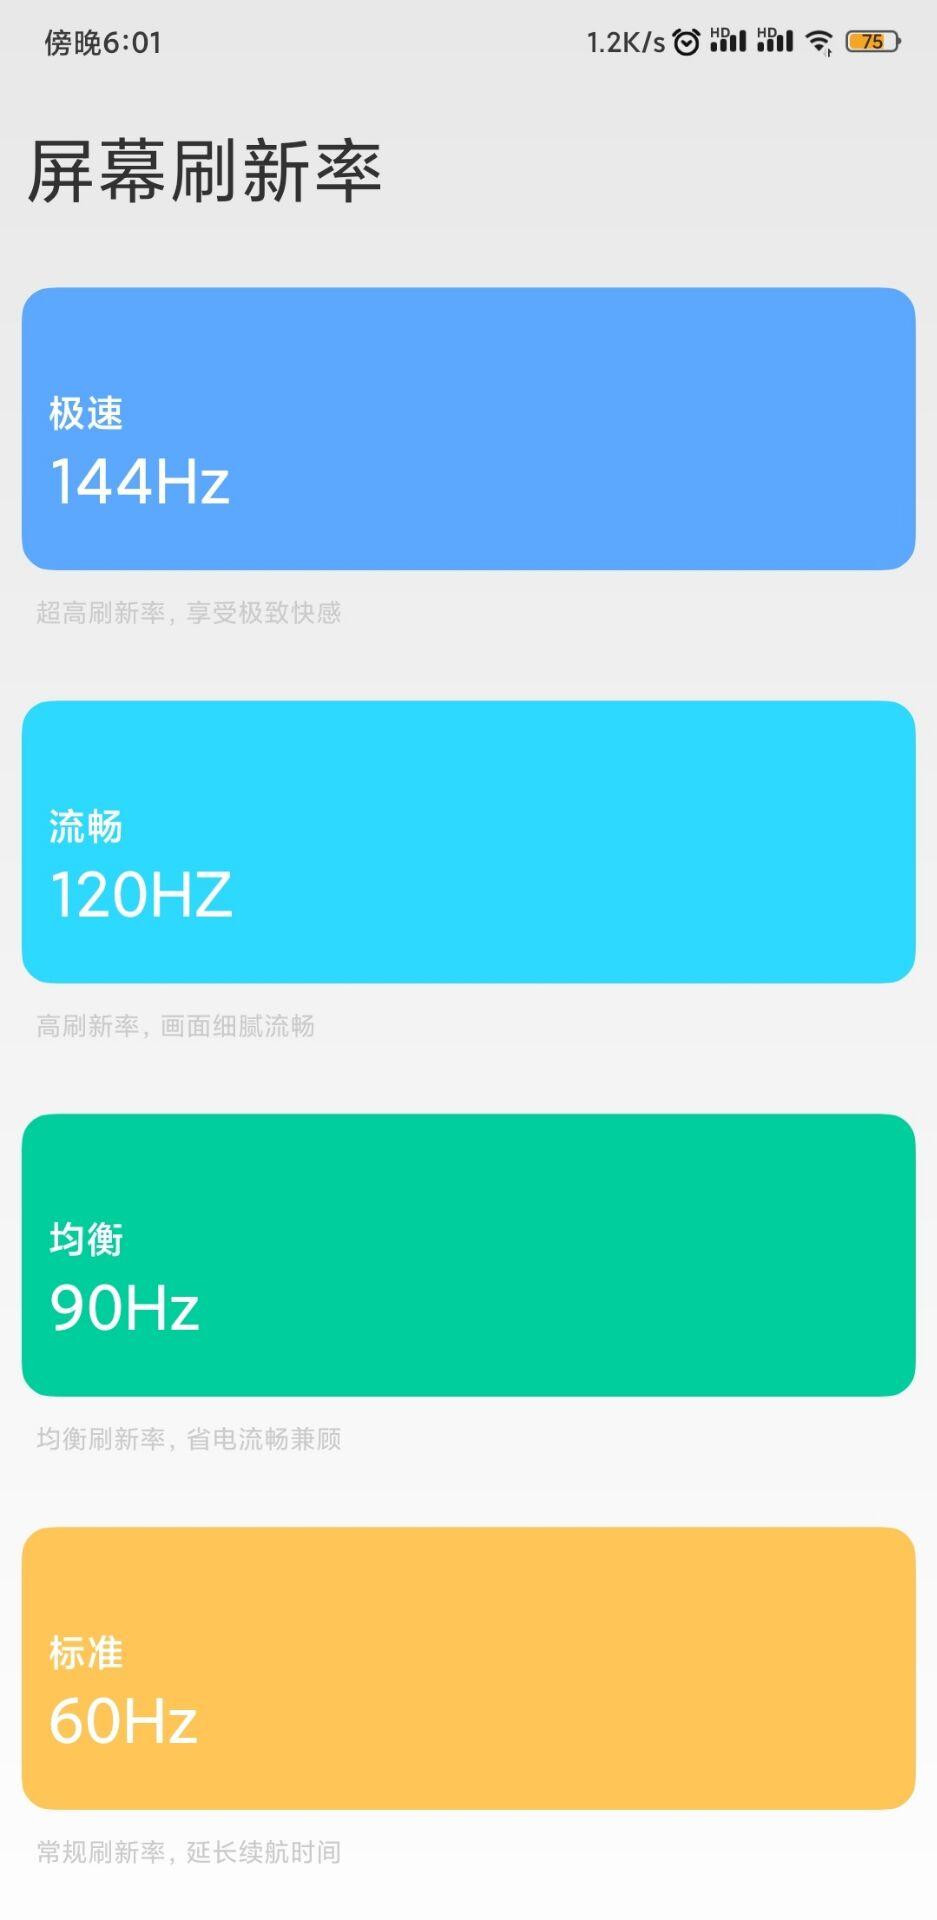 小米xiaomi红米redmi手机解锁90-120HZ刷新率方法